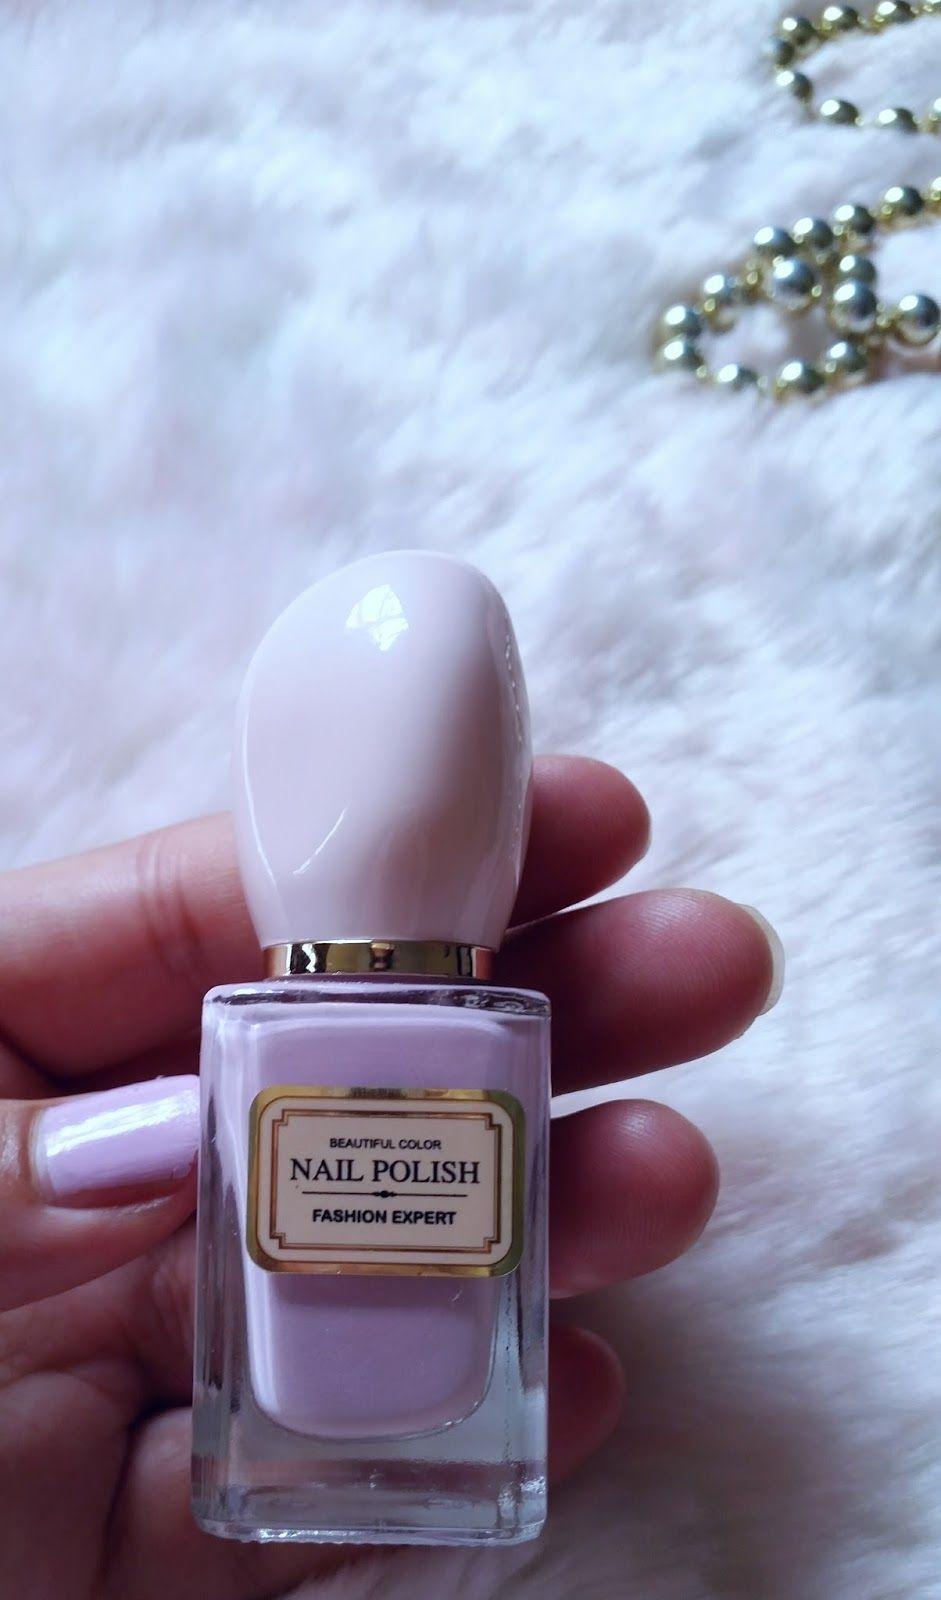 Miniso Nail Polish Review Nail Polish Beautiful Nail Polish Nails